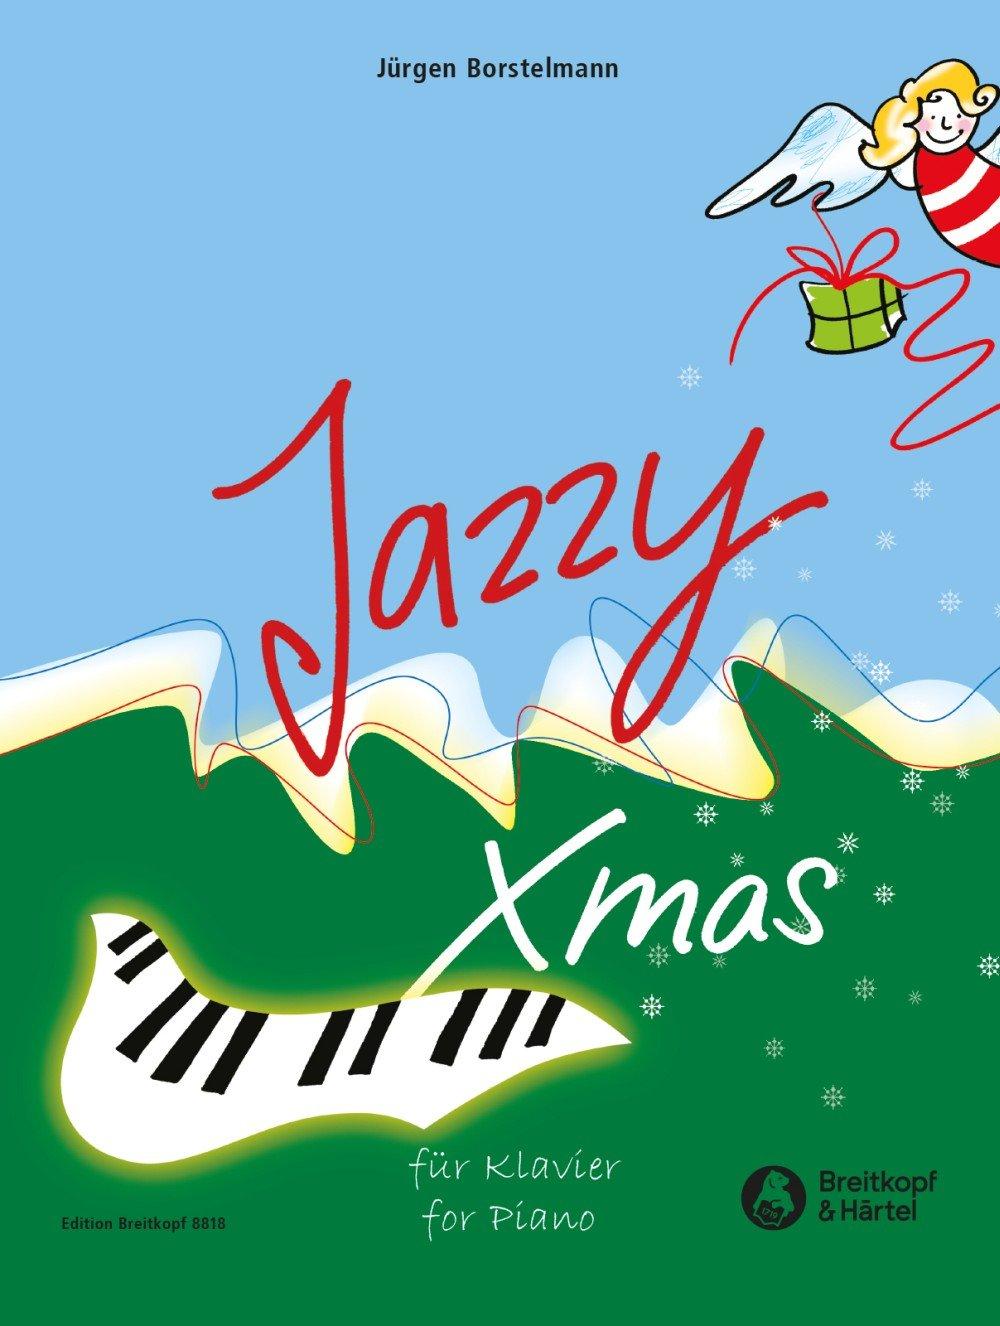 Jazzy Xmas für Klavier - 20 Weihnachtslieder im Jazzgewand (EB 8818)